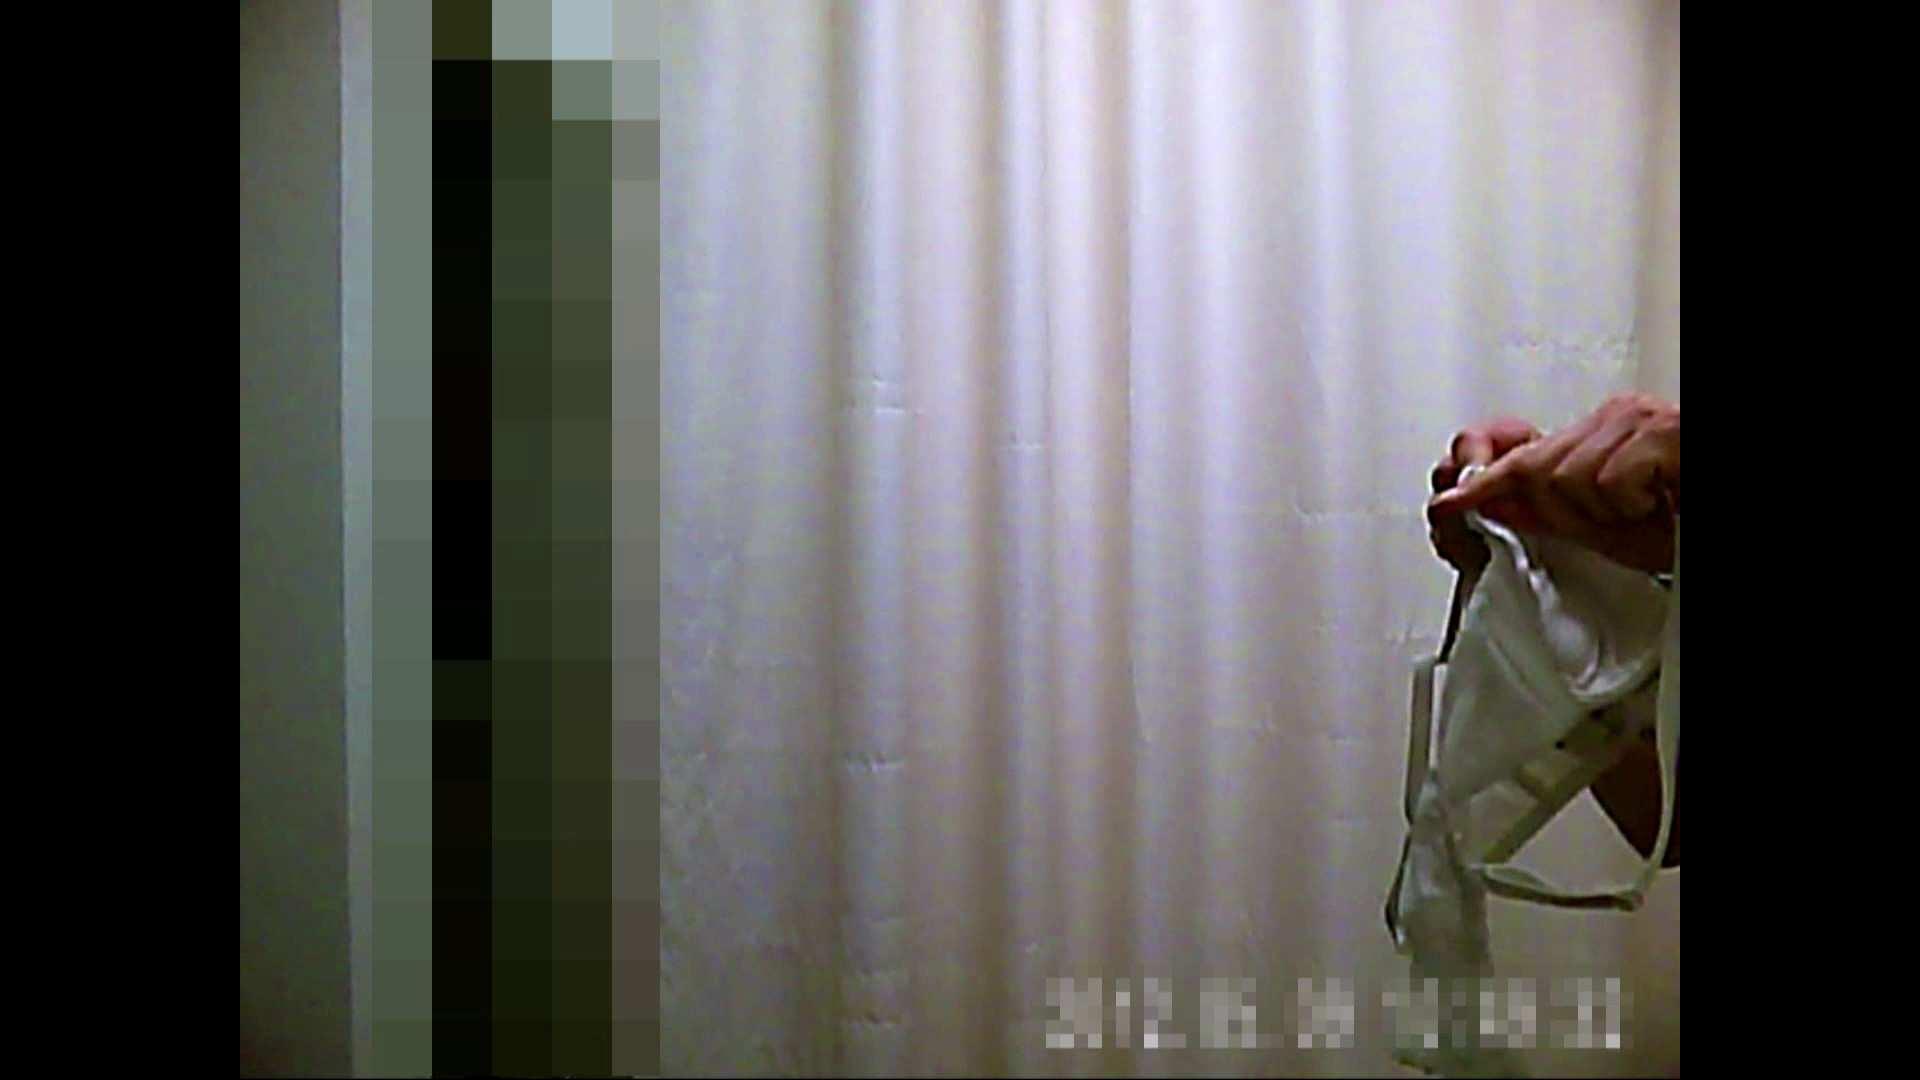 元医者による反抗 更衣室地獄絵巻 vol.001 OLの実態 | 0  56pic 45